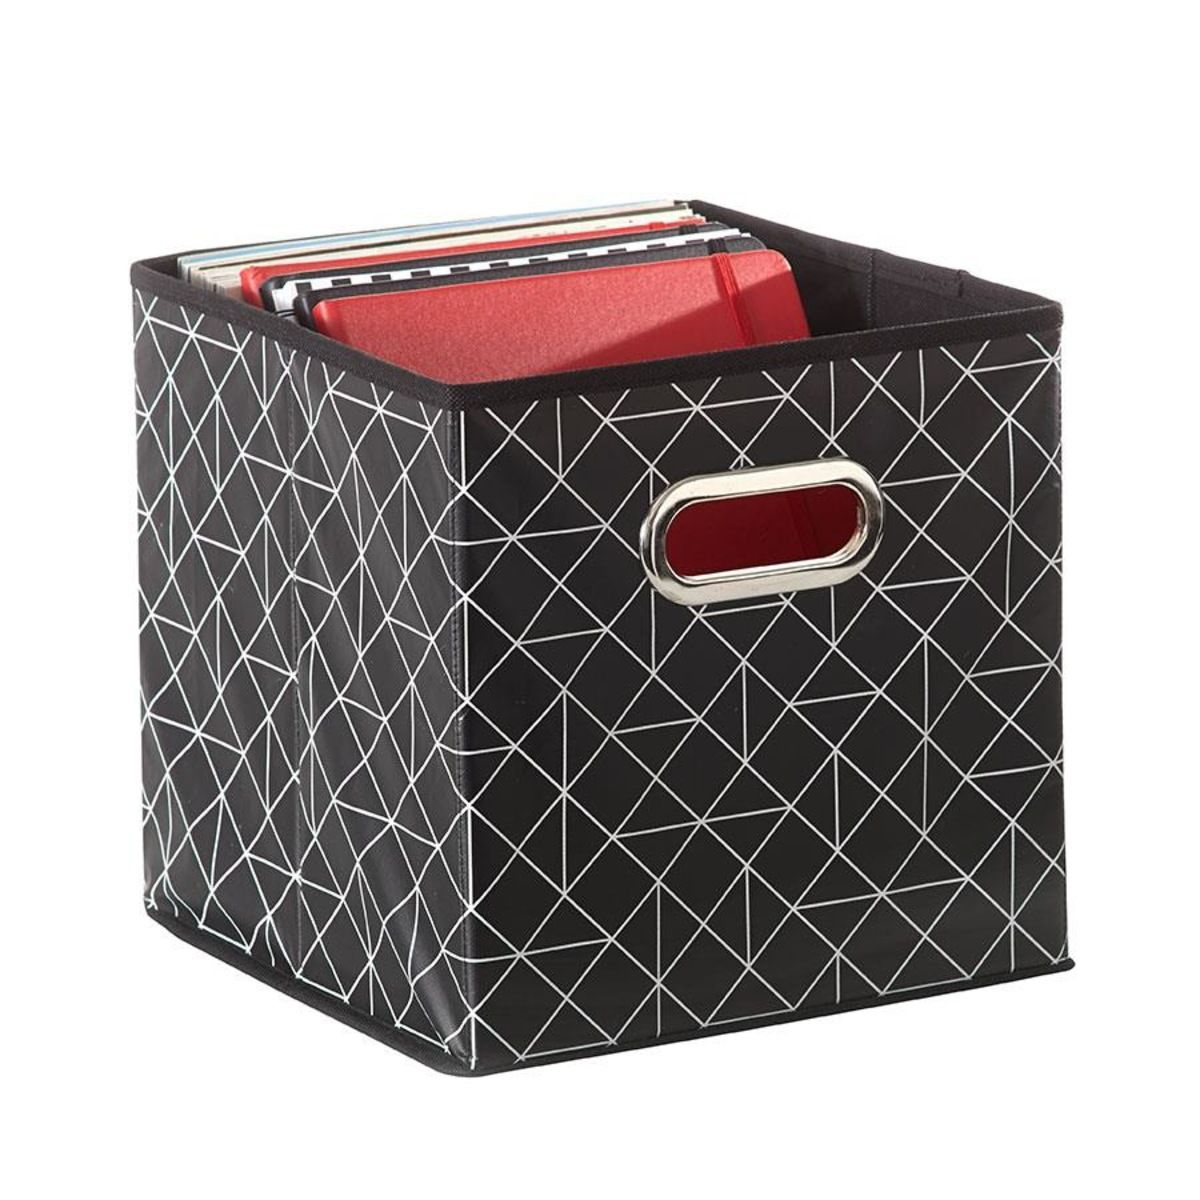 Decorative Dvd Storage Boxes Storage Cube  Geometric  Kmart  Bits & Pieces  Pinterest